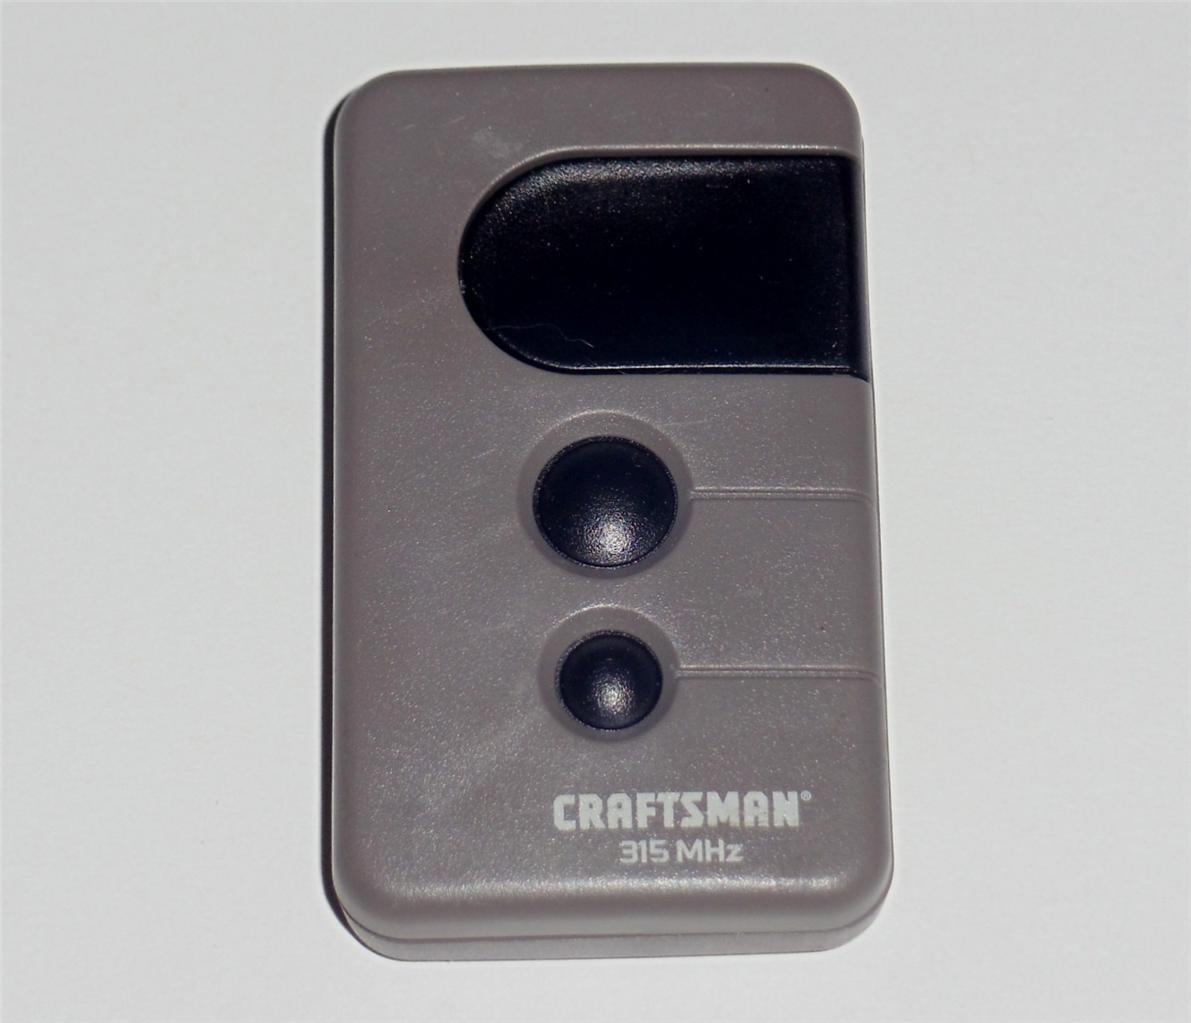 Craftsman Garage Door Remote Opener Manual The Best Free